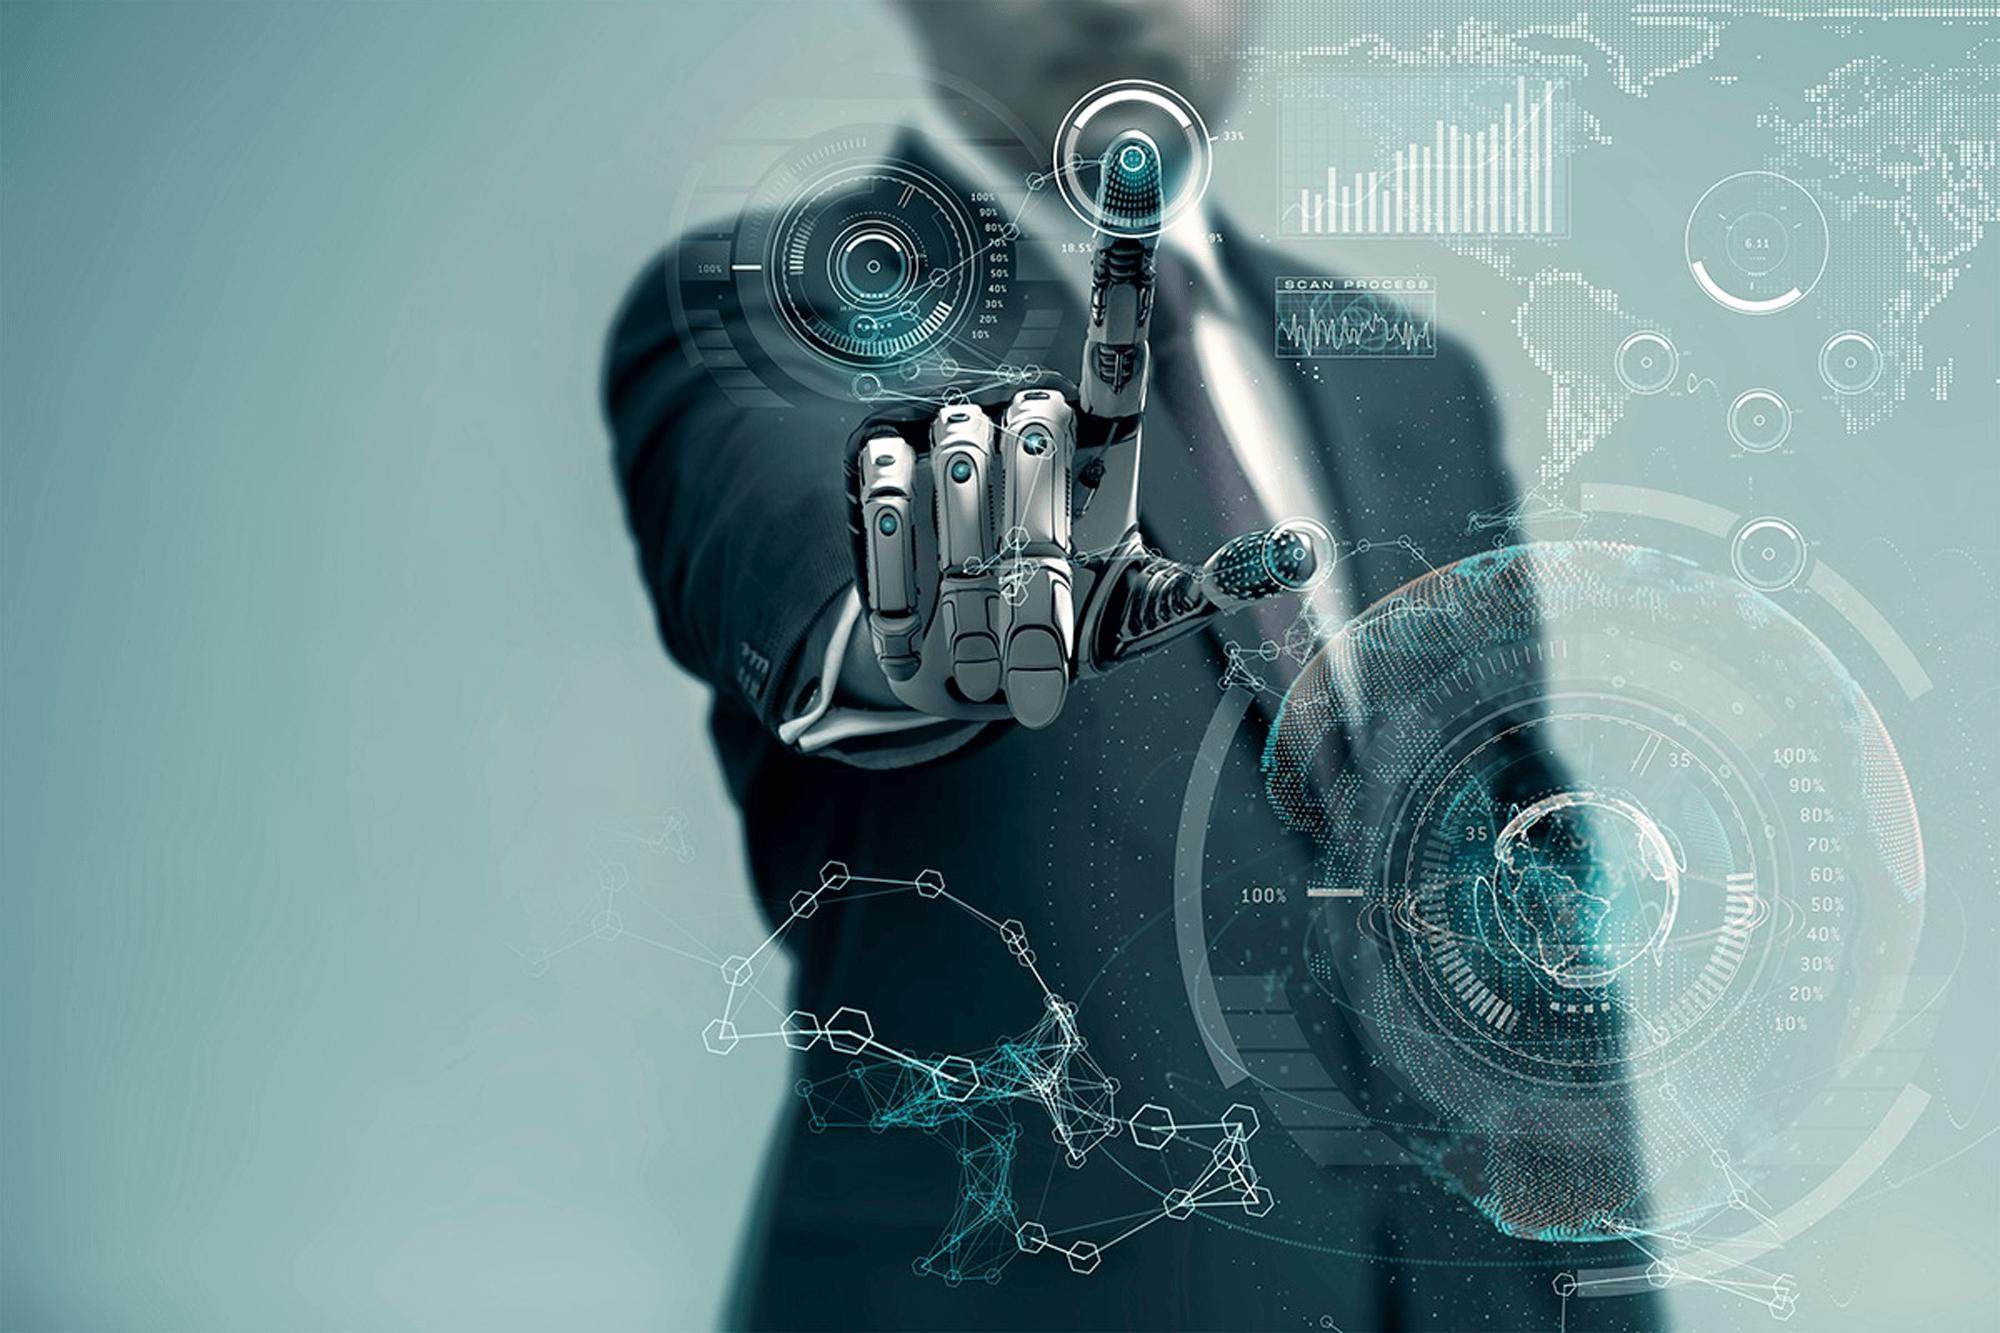 SAP Data Services | 100% vendor neutral comparison